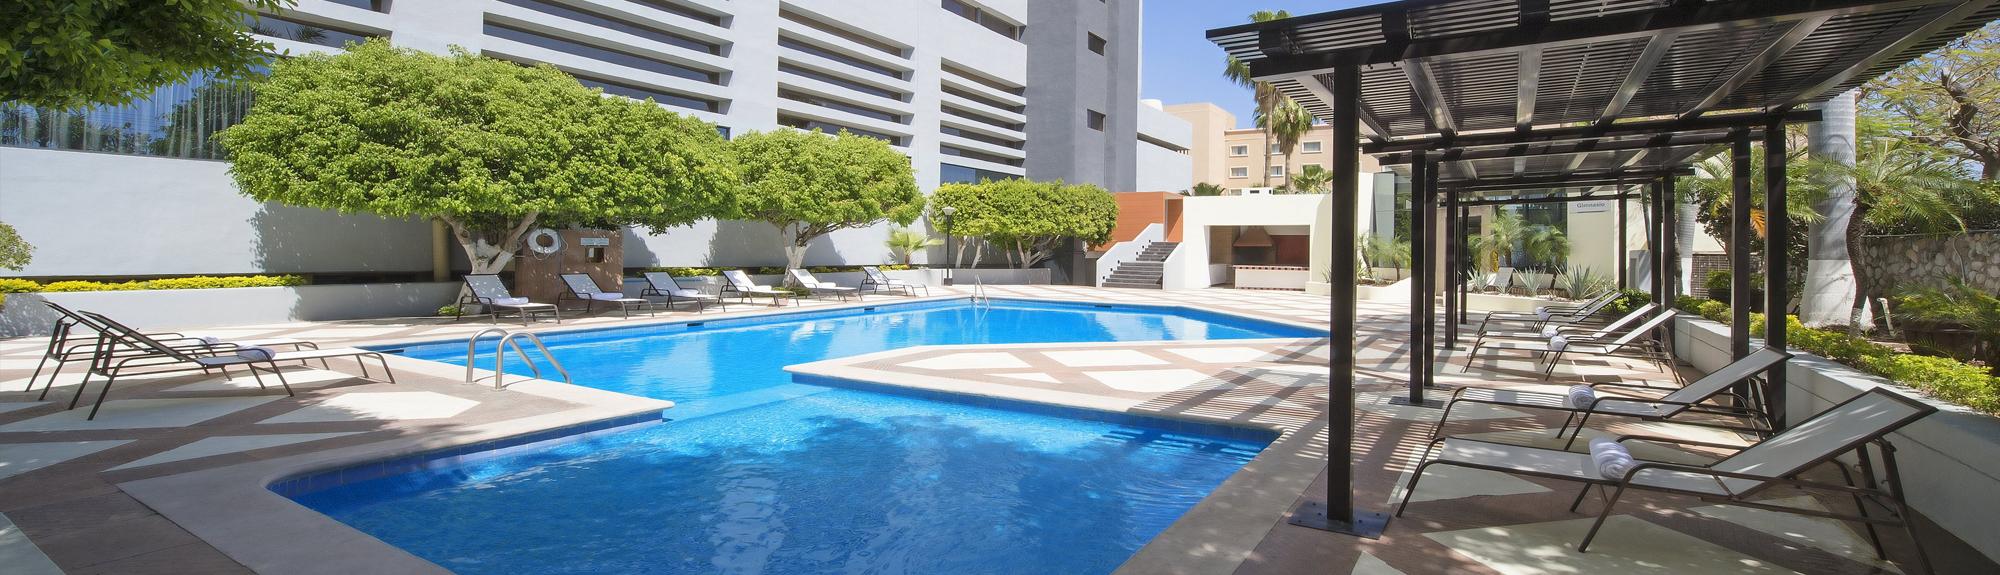 Hotel 5 estrellas en Hermosillo